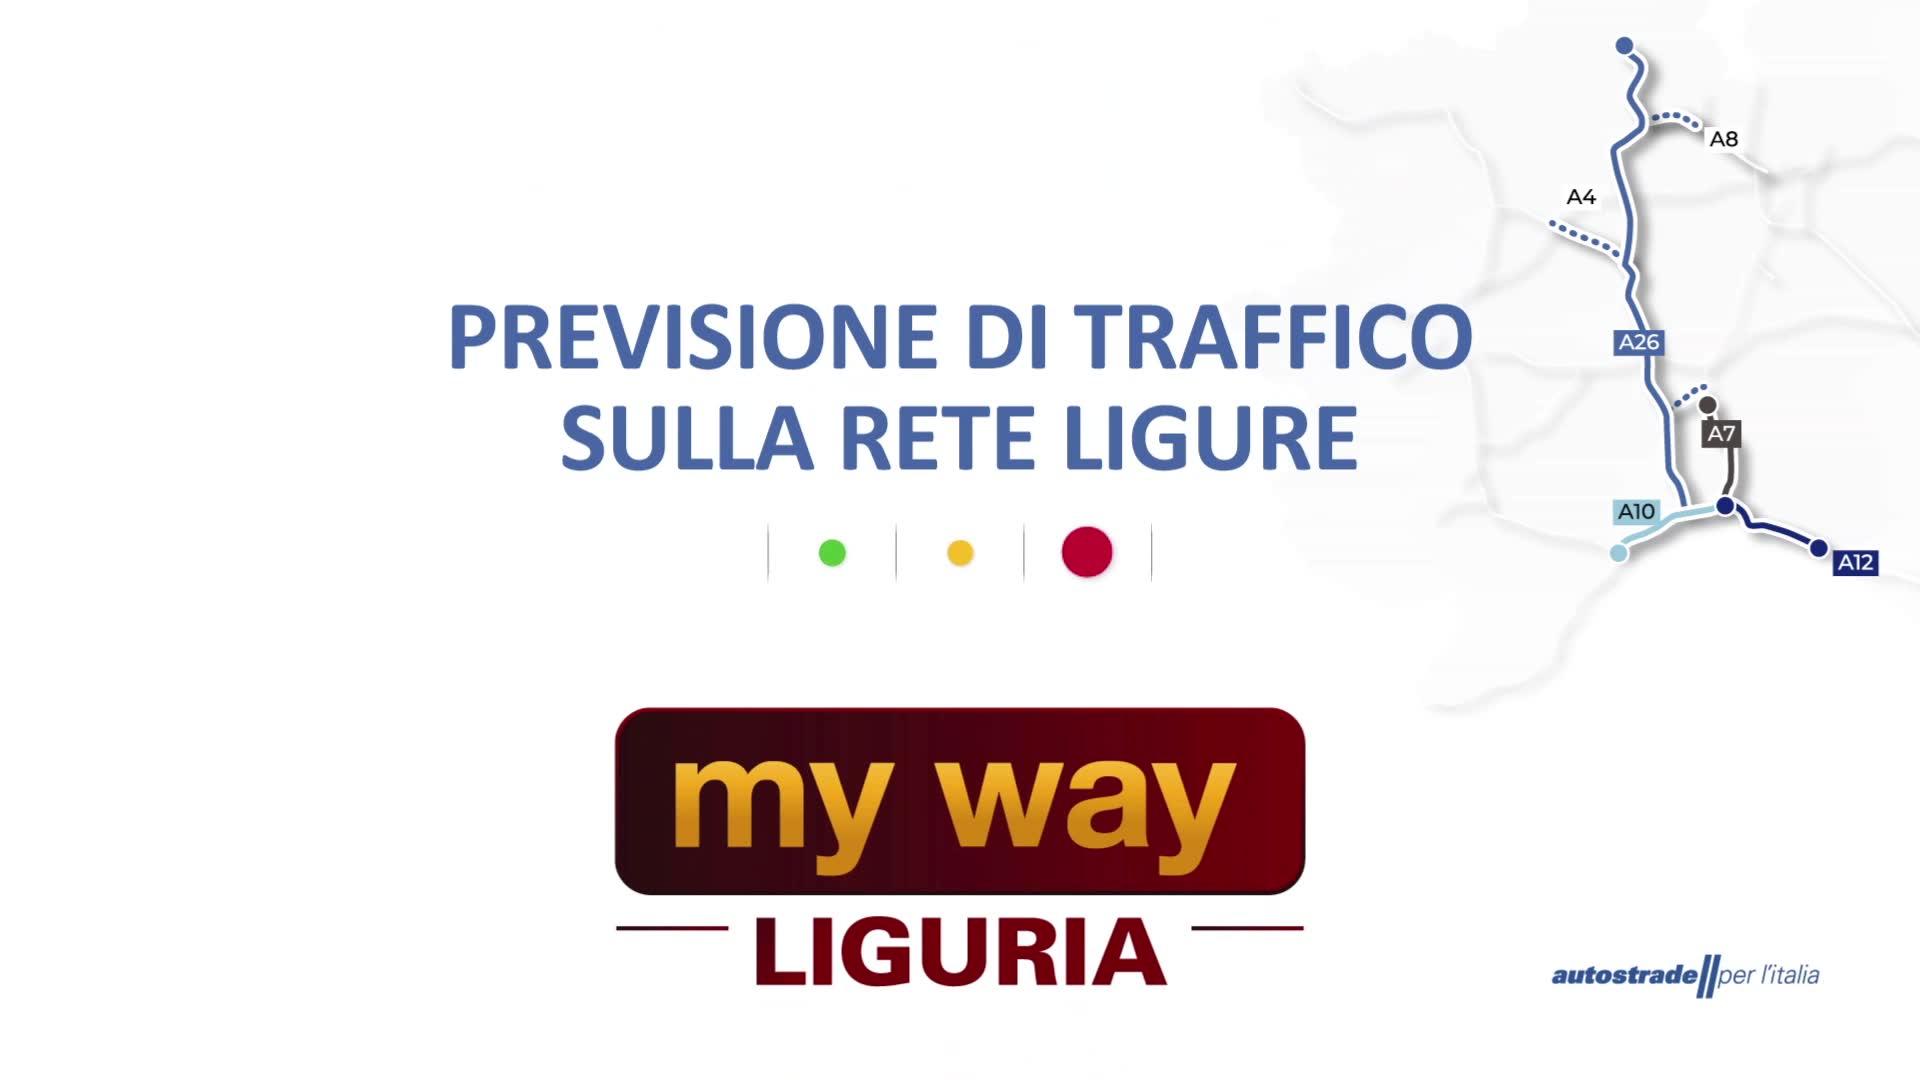 Le previsioni del traffico sulle autostrade della Liguria per la giornata di sabato 19 giugno